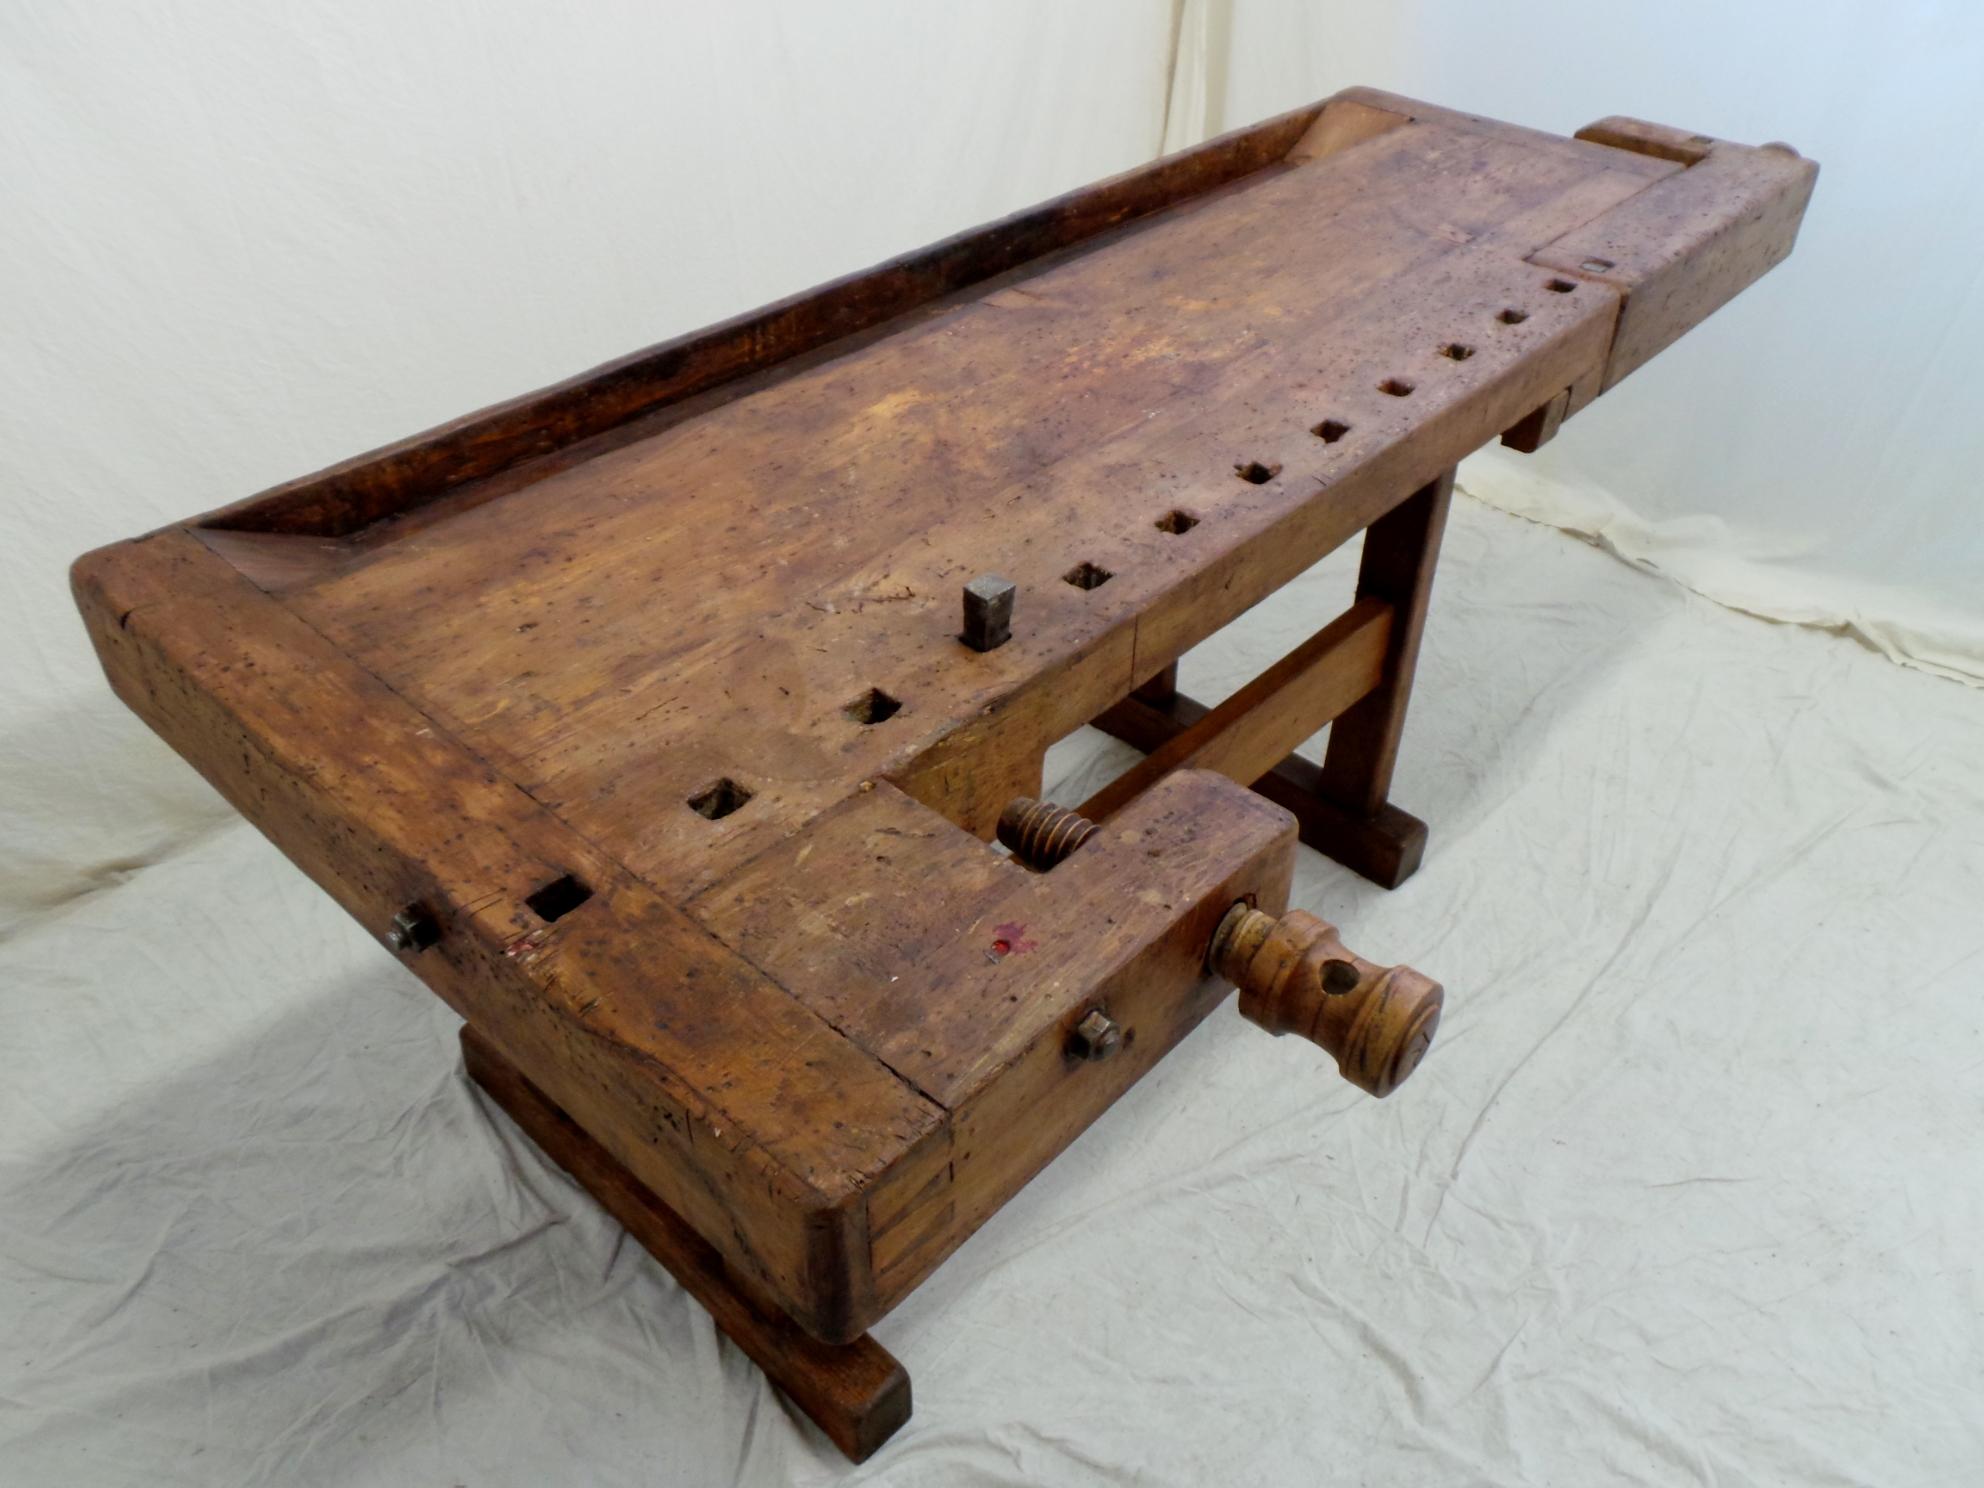 Vecchio banco da falegname viti e morse in legno fianco - Tavolo da falegname ...